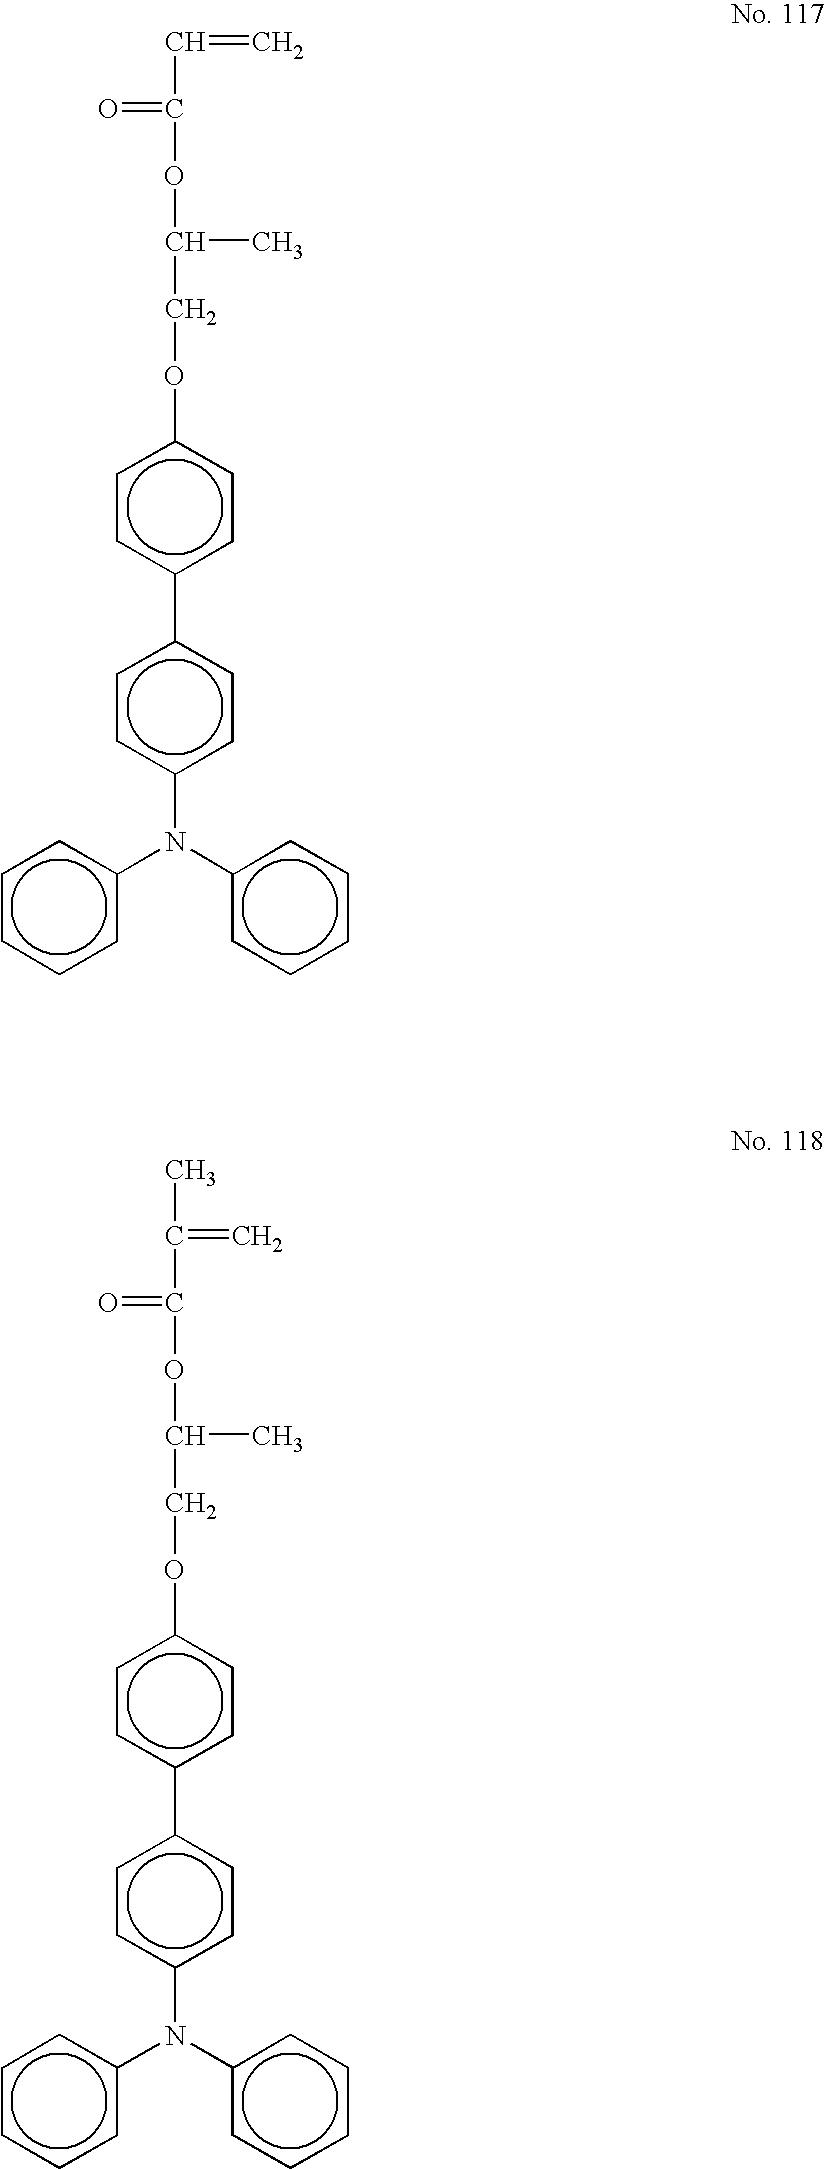 Figure US07175957-20070213-C00052